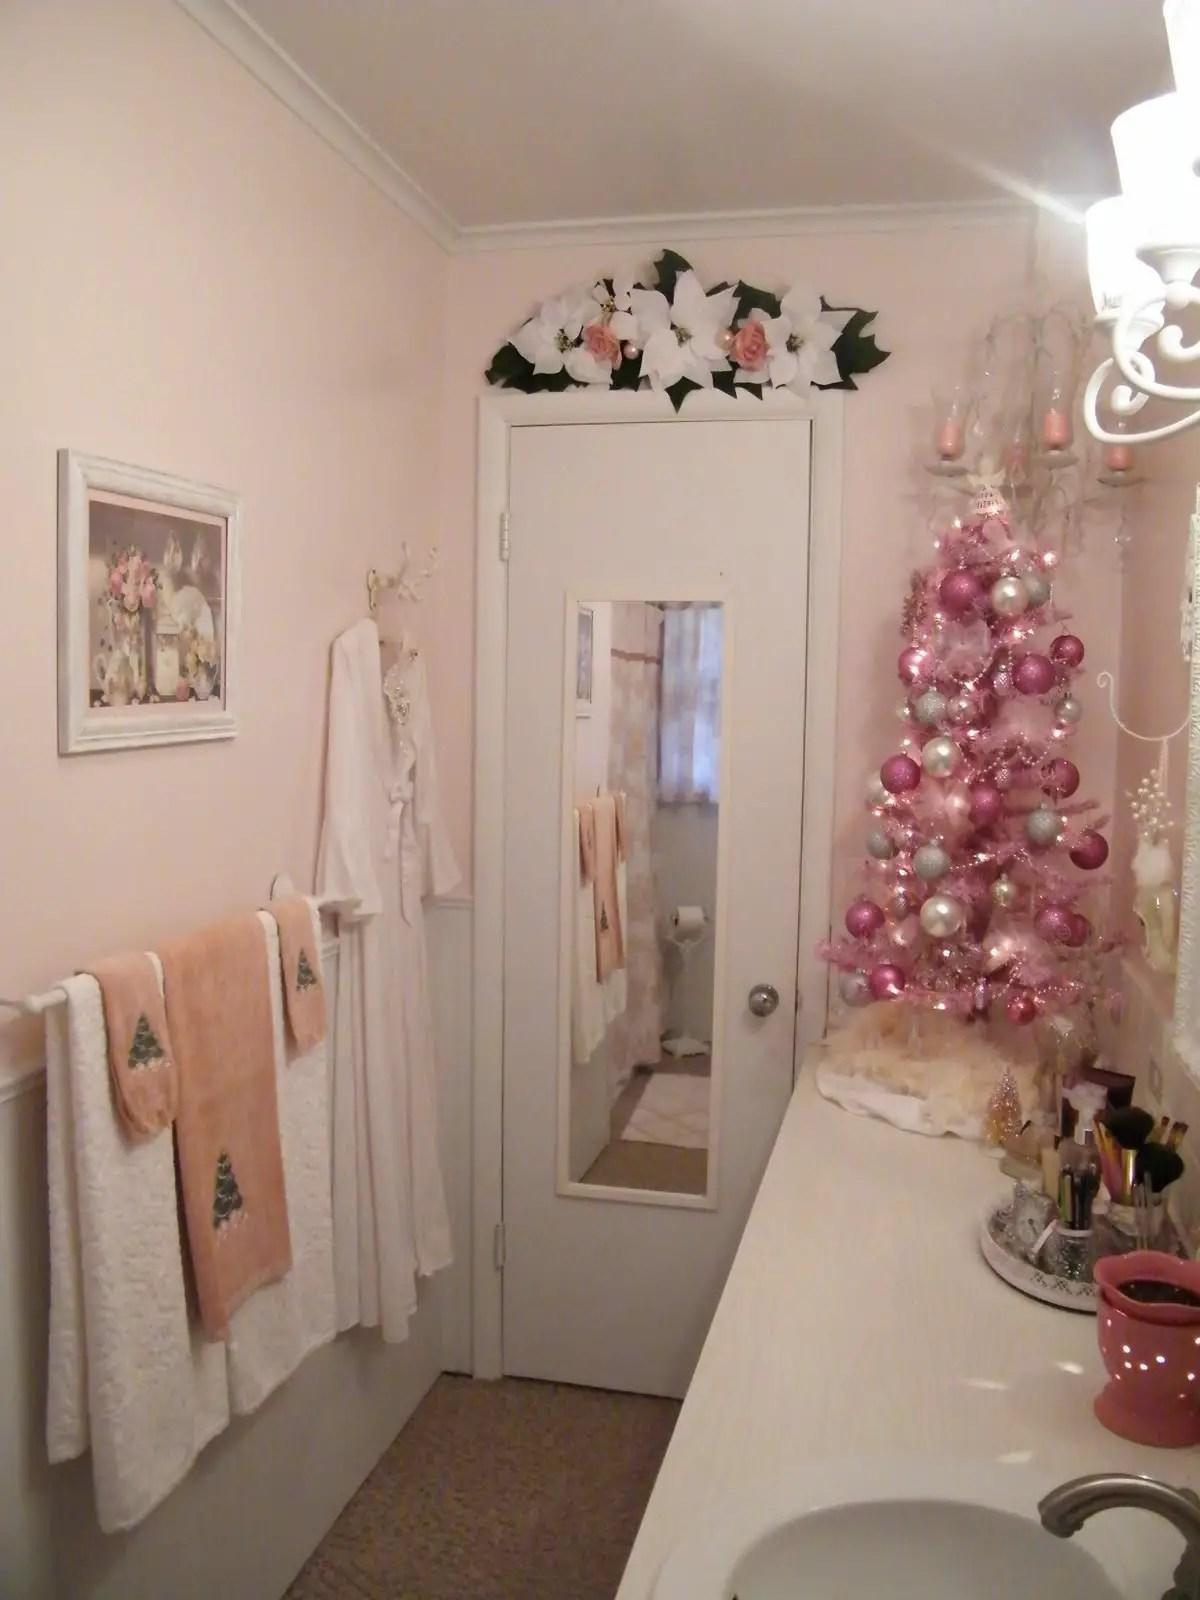 Decorar Un Baño Navideno:Etiquetas como decorar un baño en navidad cuarto de baño navideño